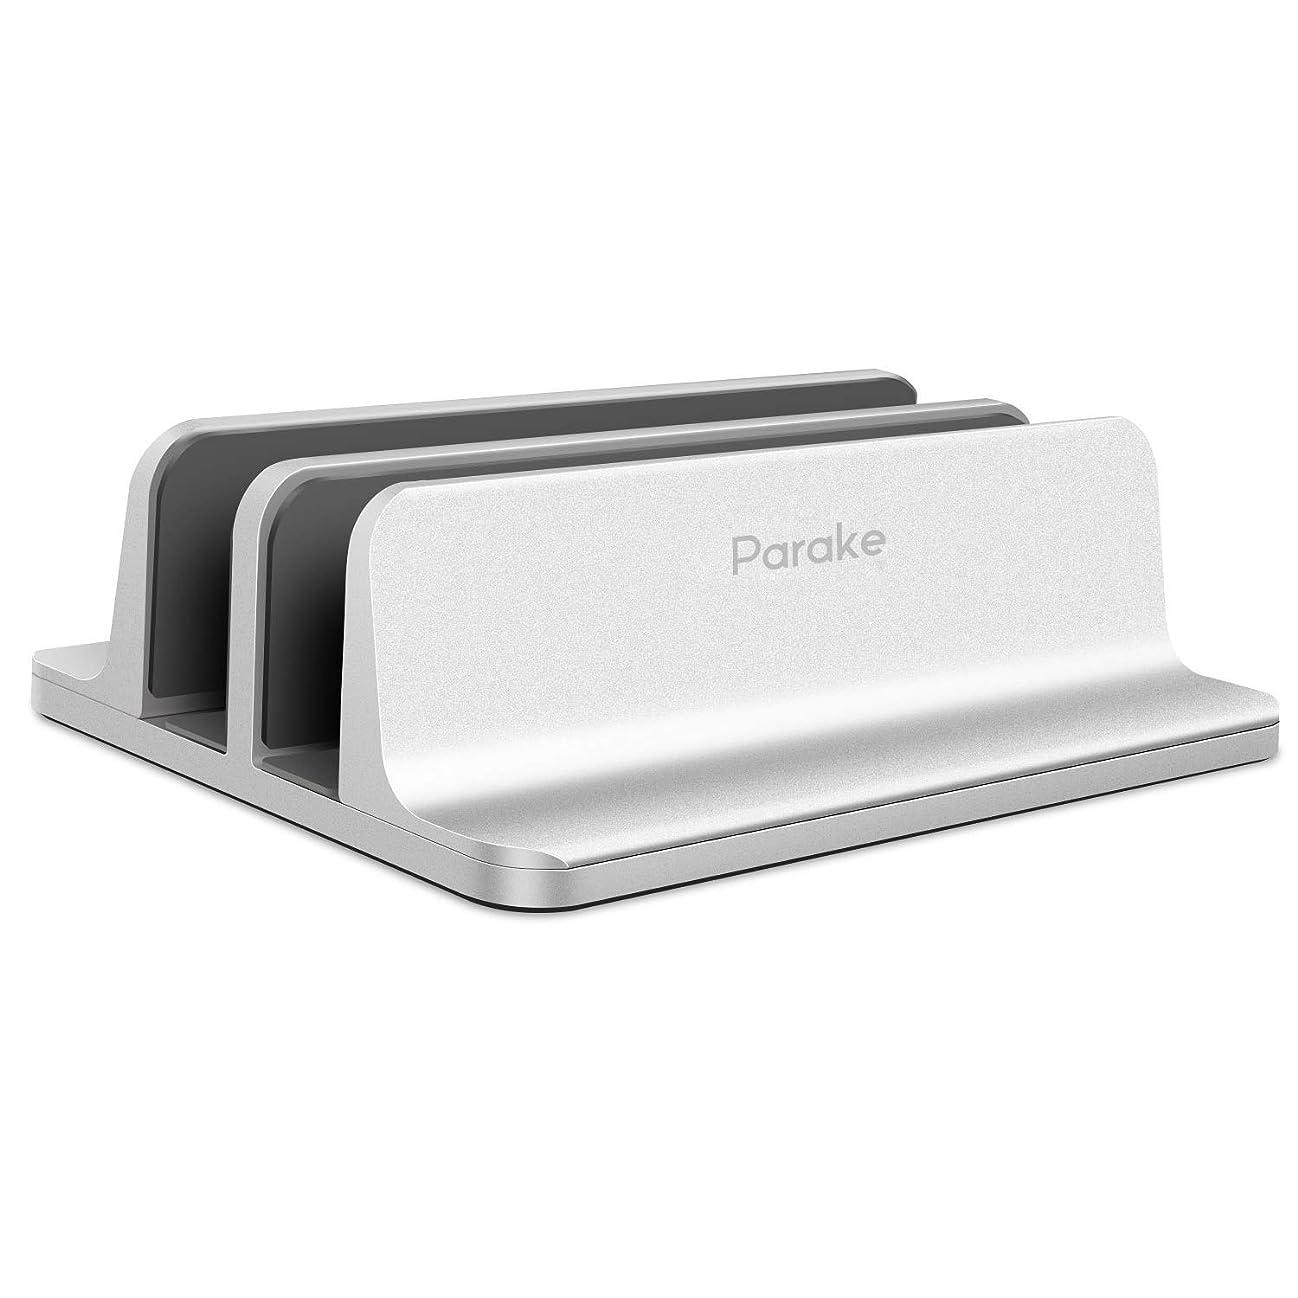 宿題をする不完全な士気(アップグレード版)Parake スタンド ノートパソコンスタンド PCホルダ pcスタンド 縦置き 冷却 収納 アルミ MacBook/iPad/laptop/タブレット 調整可能 滑り止め 安定 (シルバー, 2台収納)